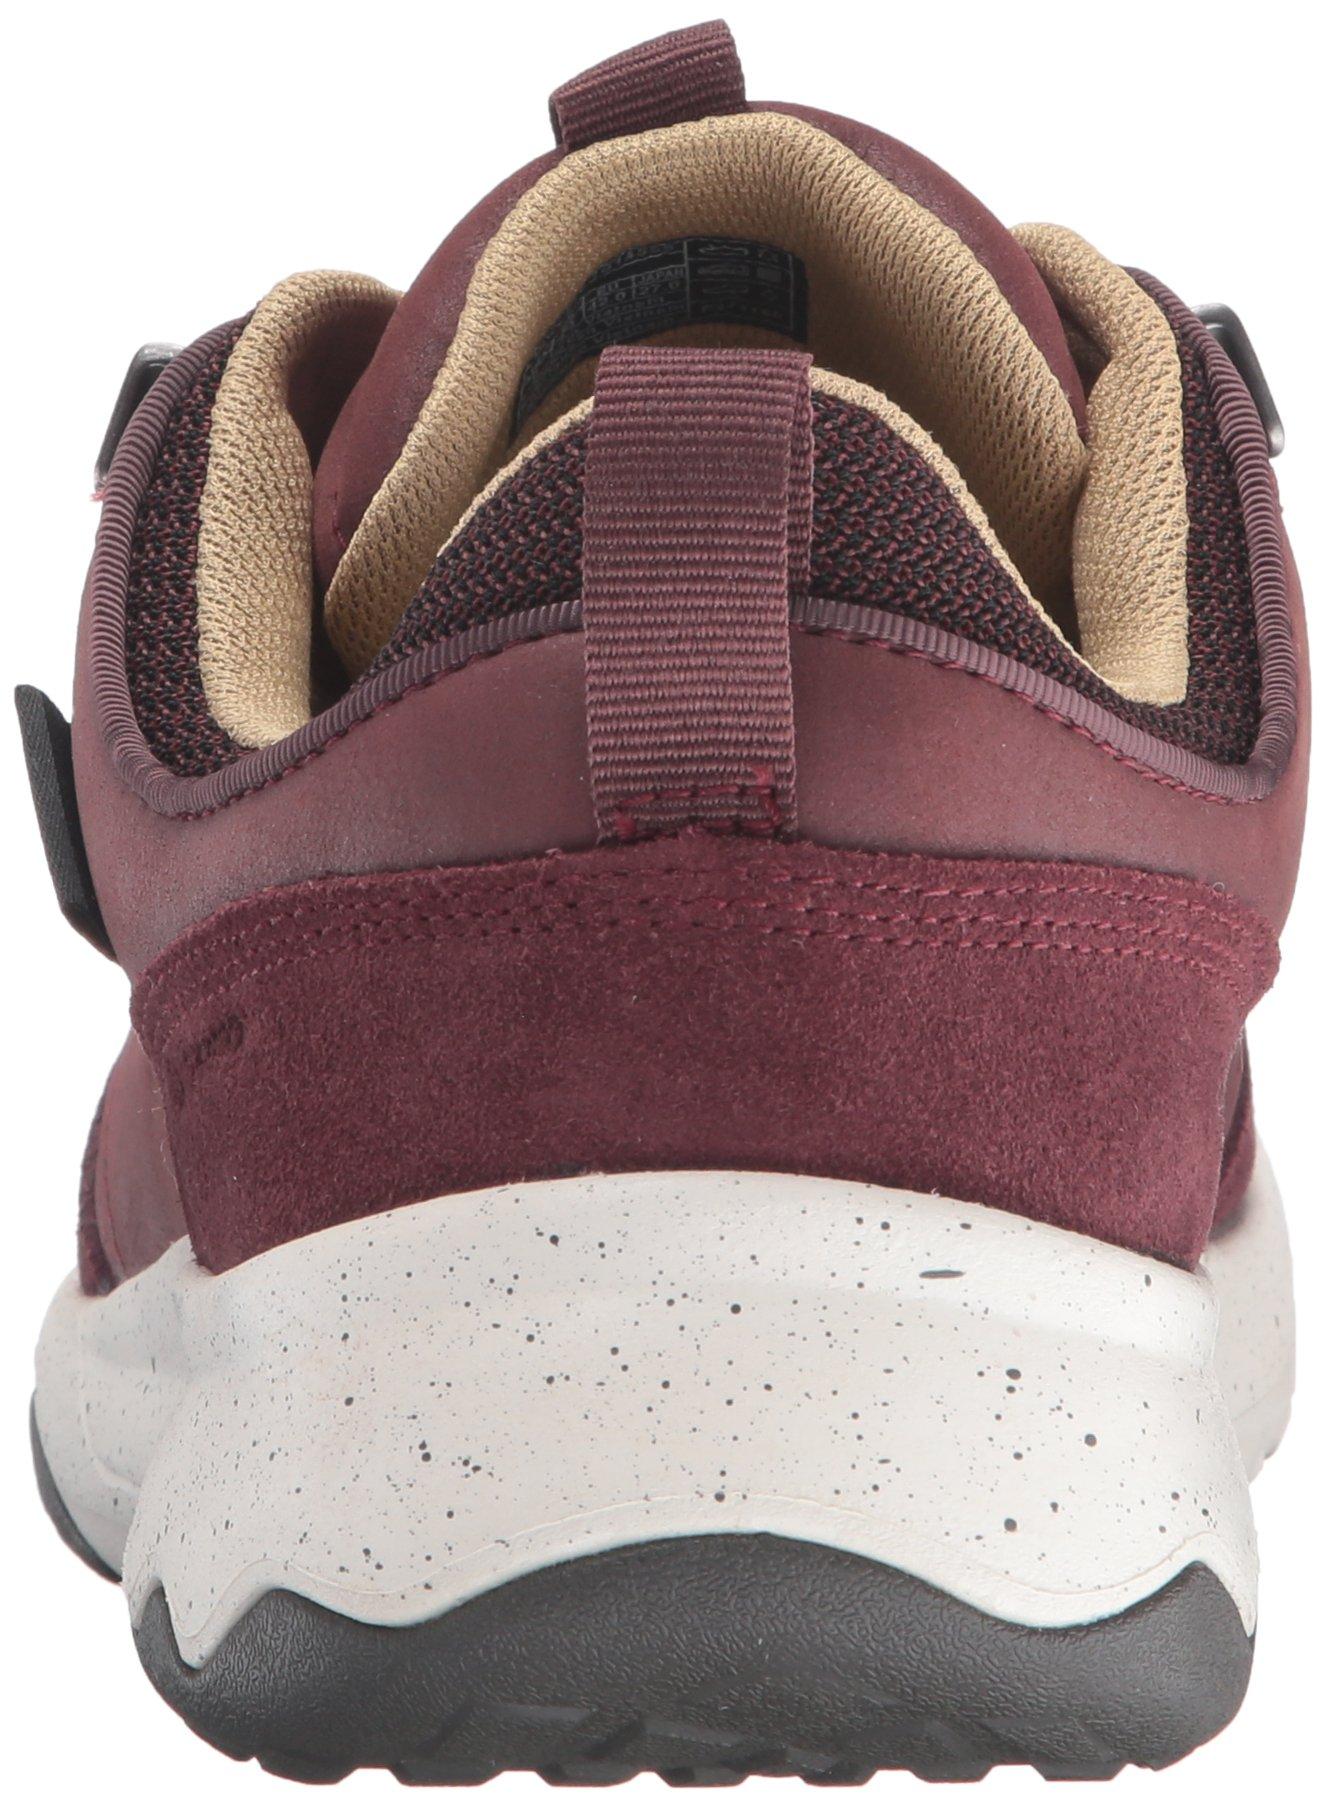 1b5f0e63ed13c0 Teva Men  s M Arrowood Lux Wp Low Rise Hiking Shoes - UKsportsOutdoors